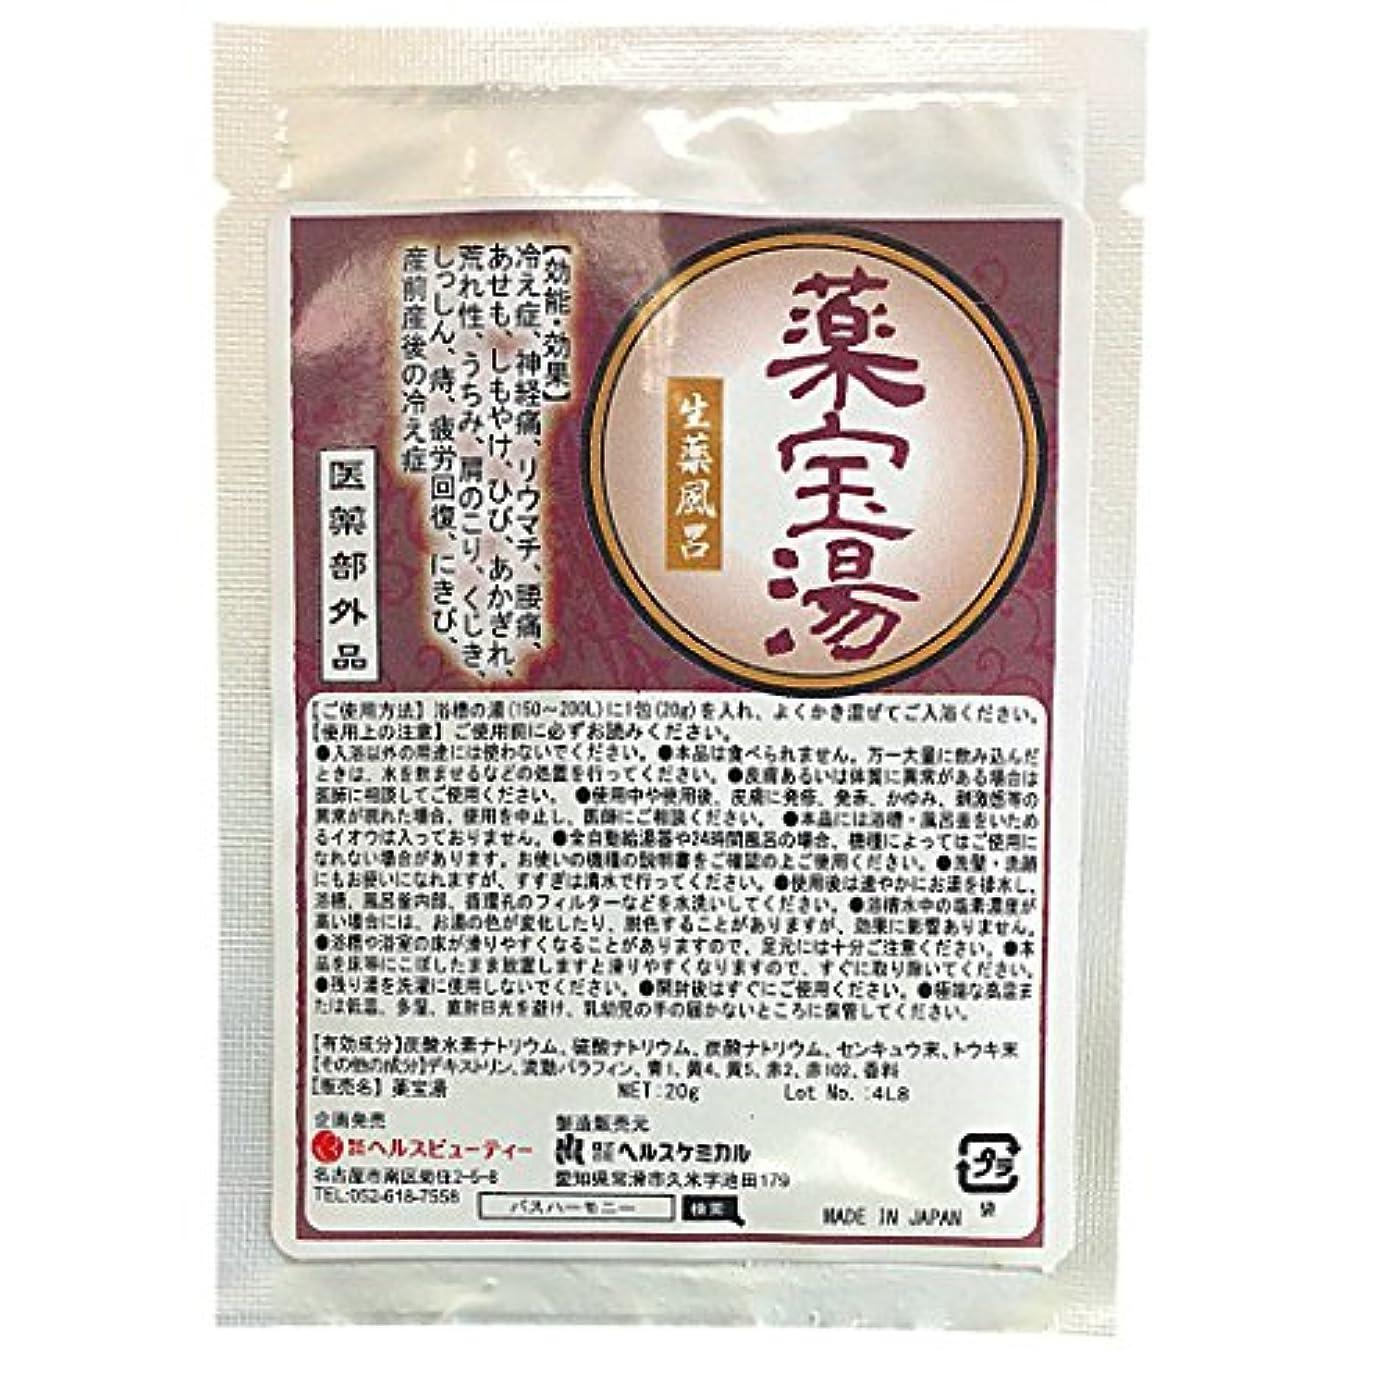 薬宝湯 やくほうとう 医薬部外品 天然生薬 の 香り 粉末 入浴剤 高麗人参 エキス 配合 (20g (1回分))